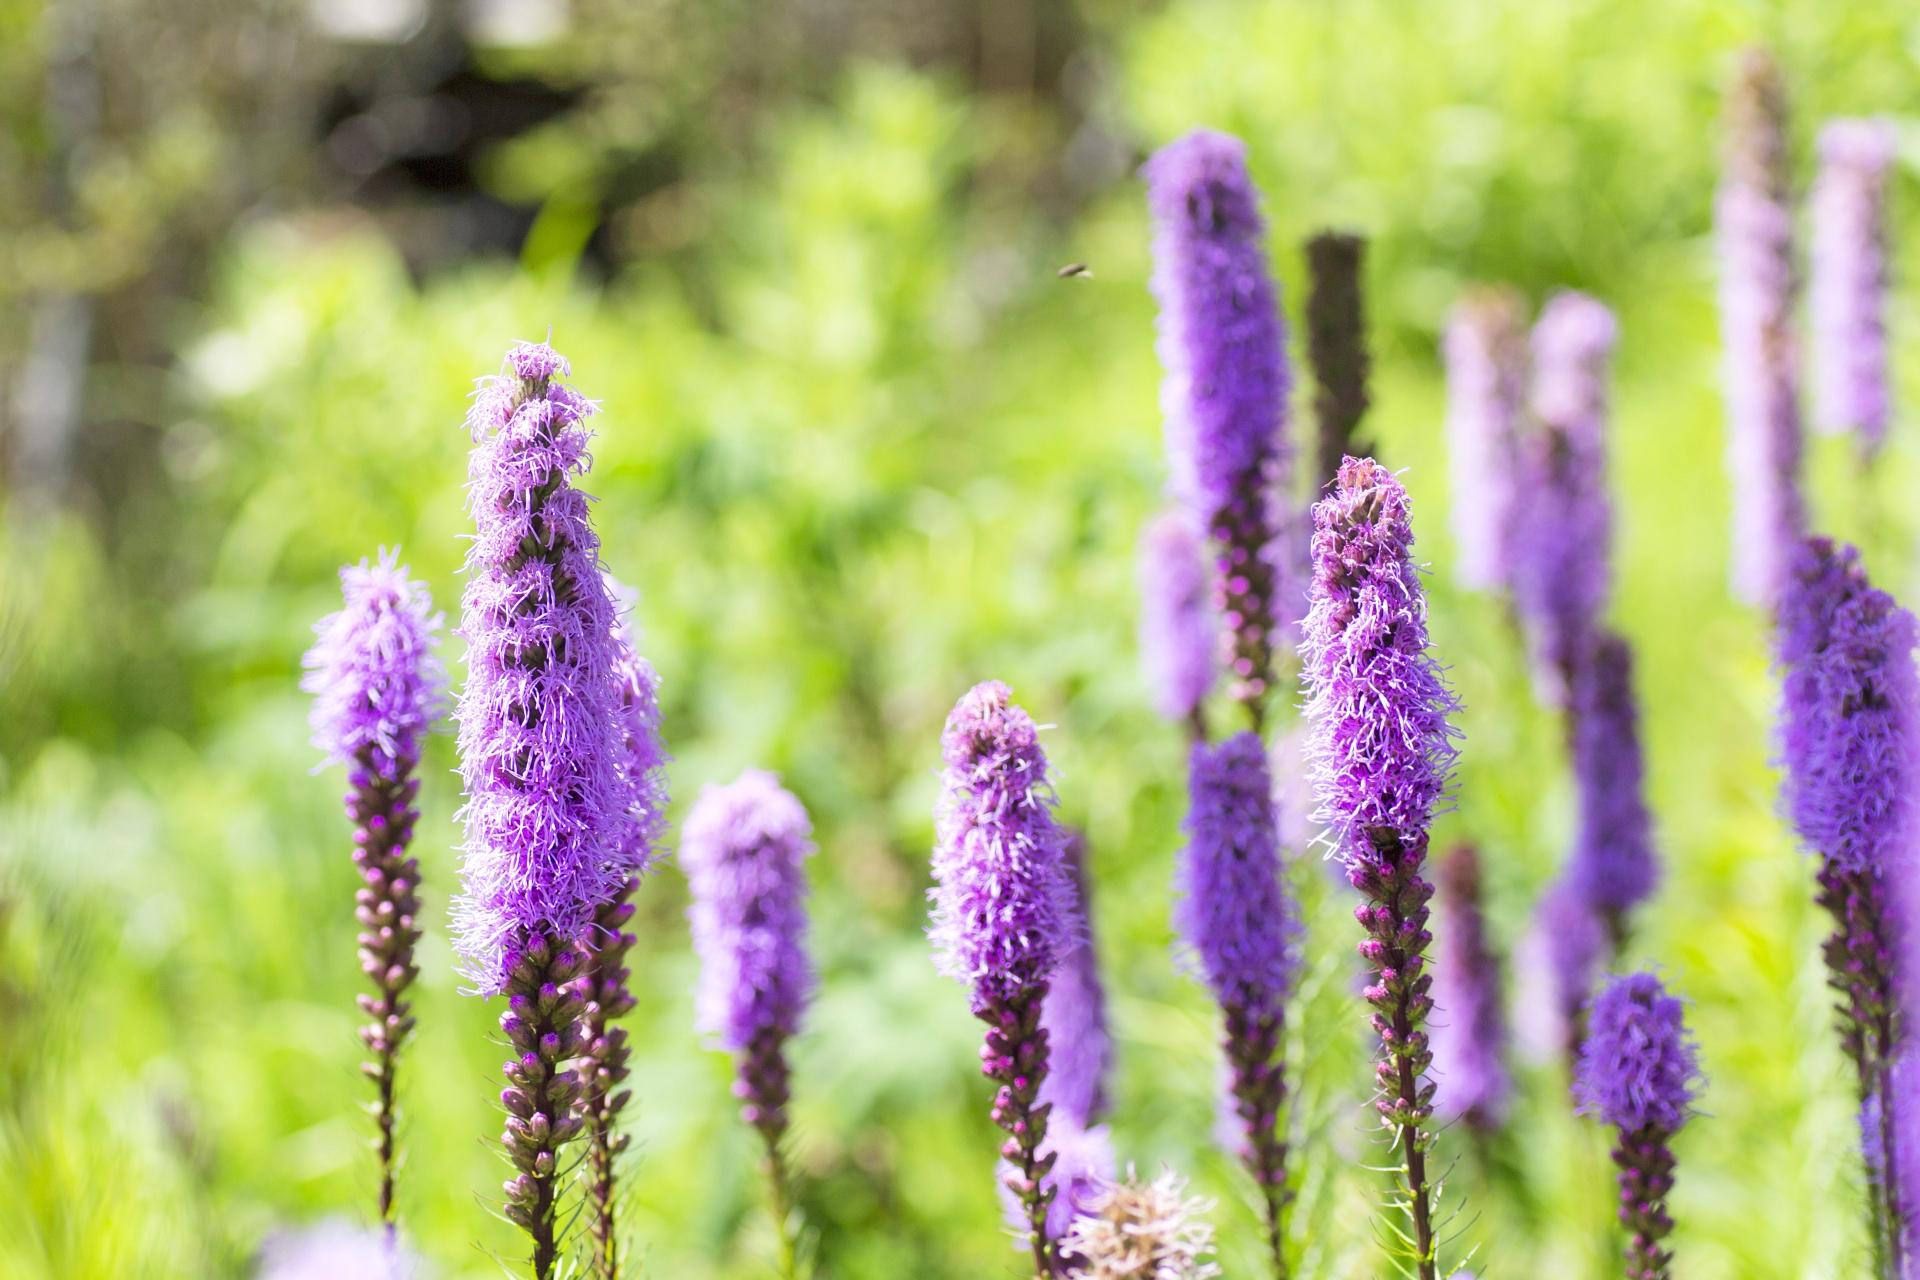 ガーデン用品屋さんの花図鑑 リアトリス